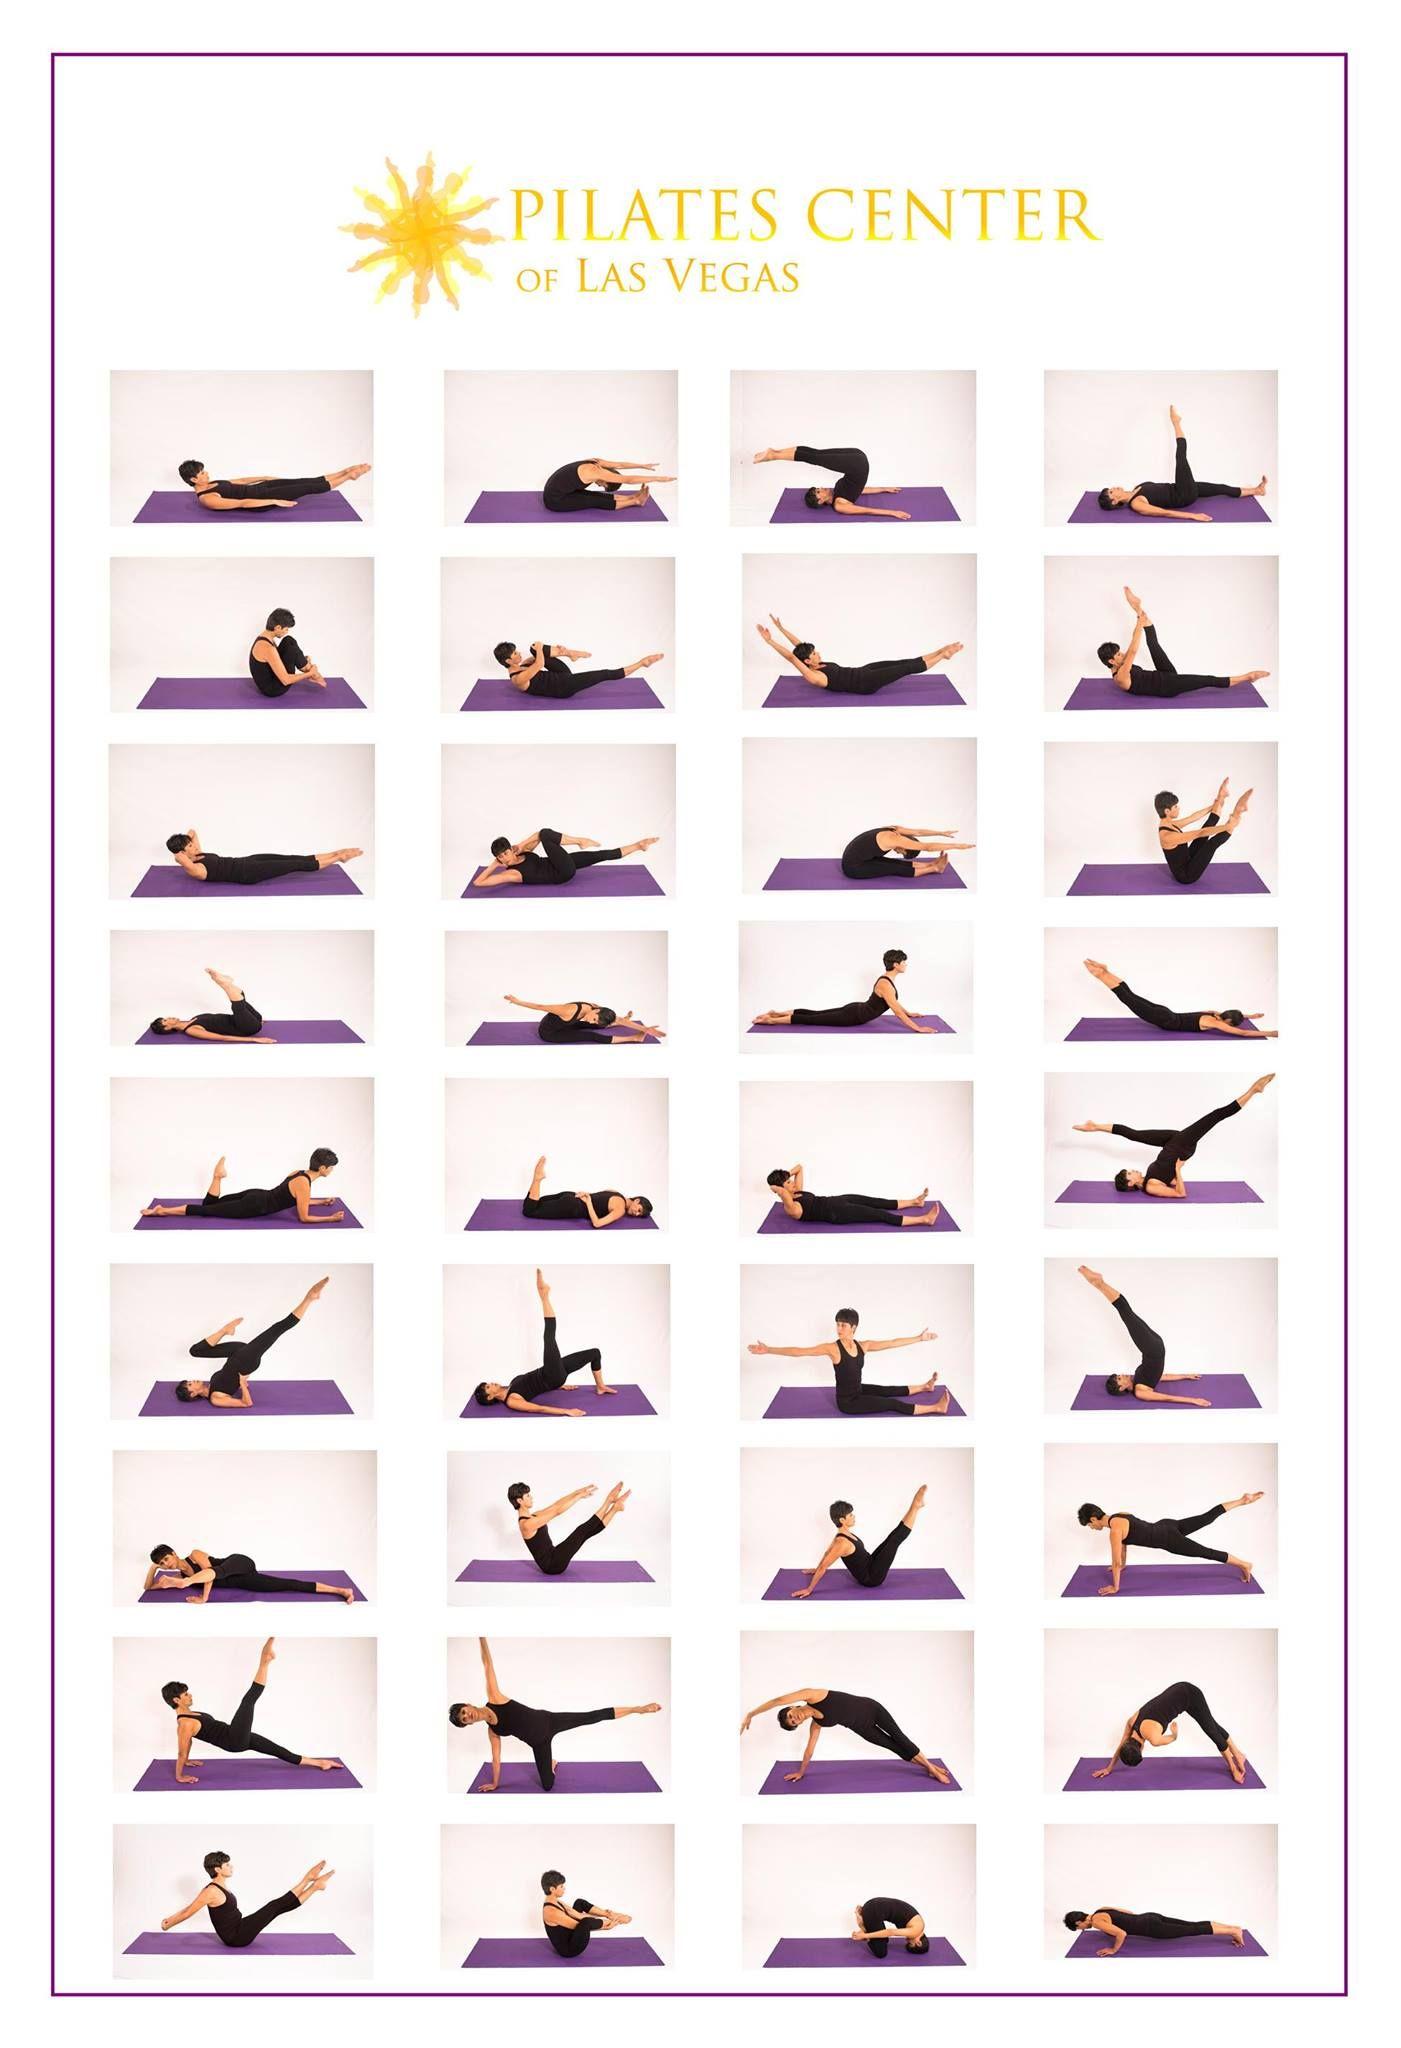 die besten 25 pilates mat ideen auf pinterest pilates bungen auf der matte pilates training. Black Bedroom Furniture Sets. Home Design Ideas